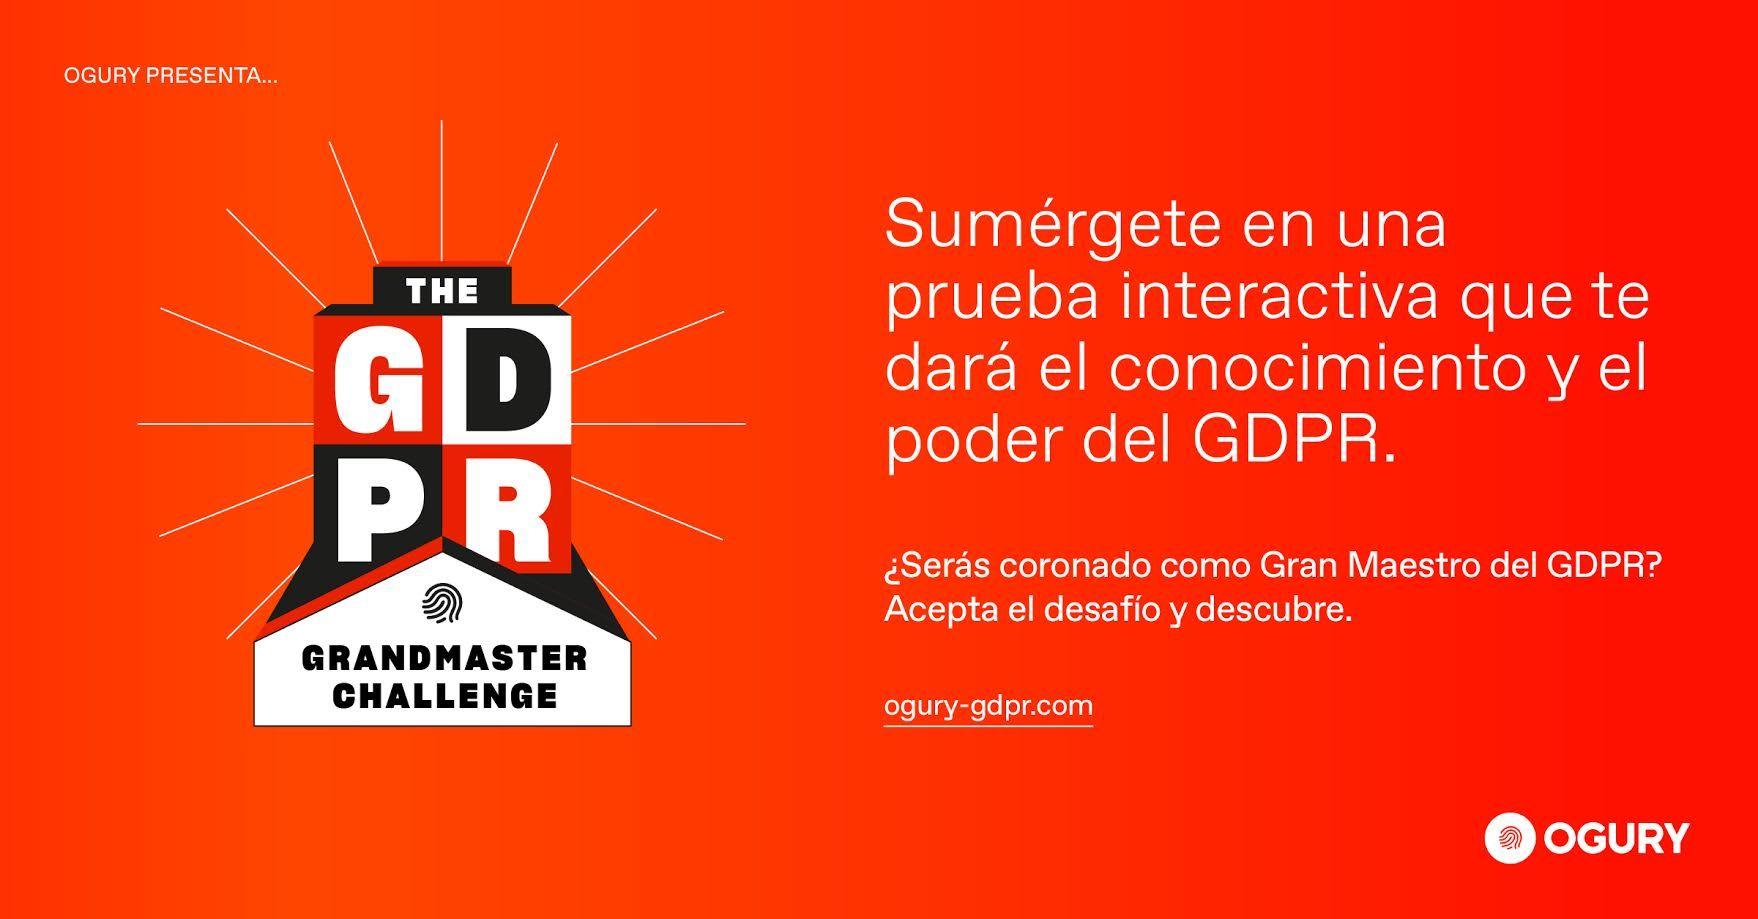 Ogury lanza una herramienta para facilitar el cumplimiento del GDPR